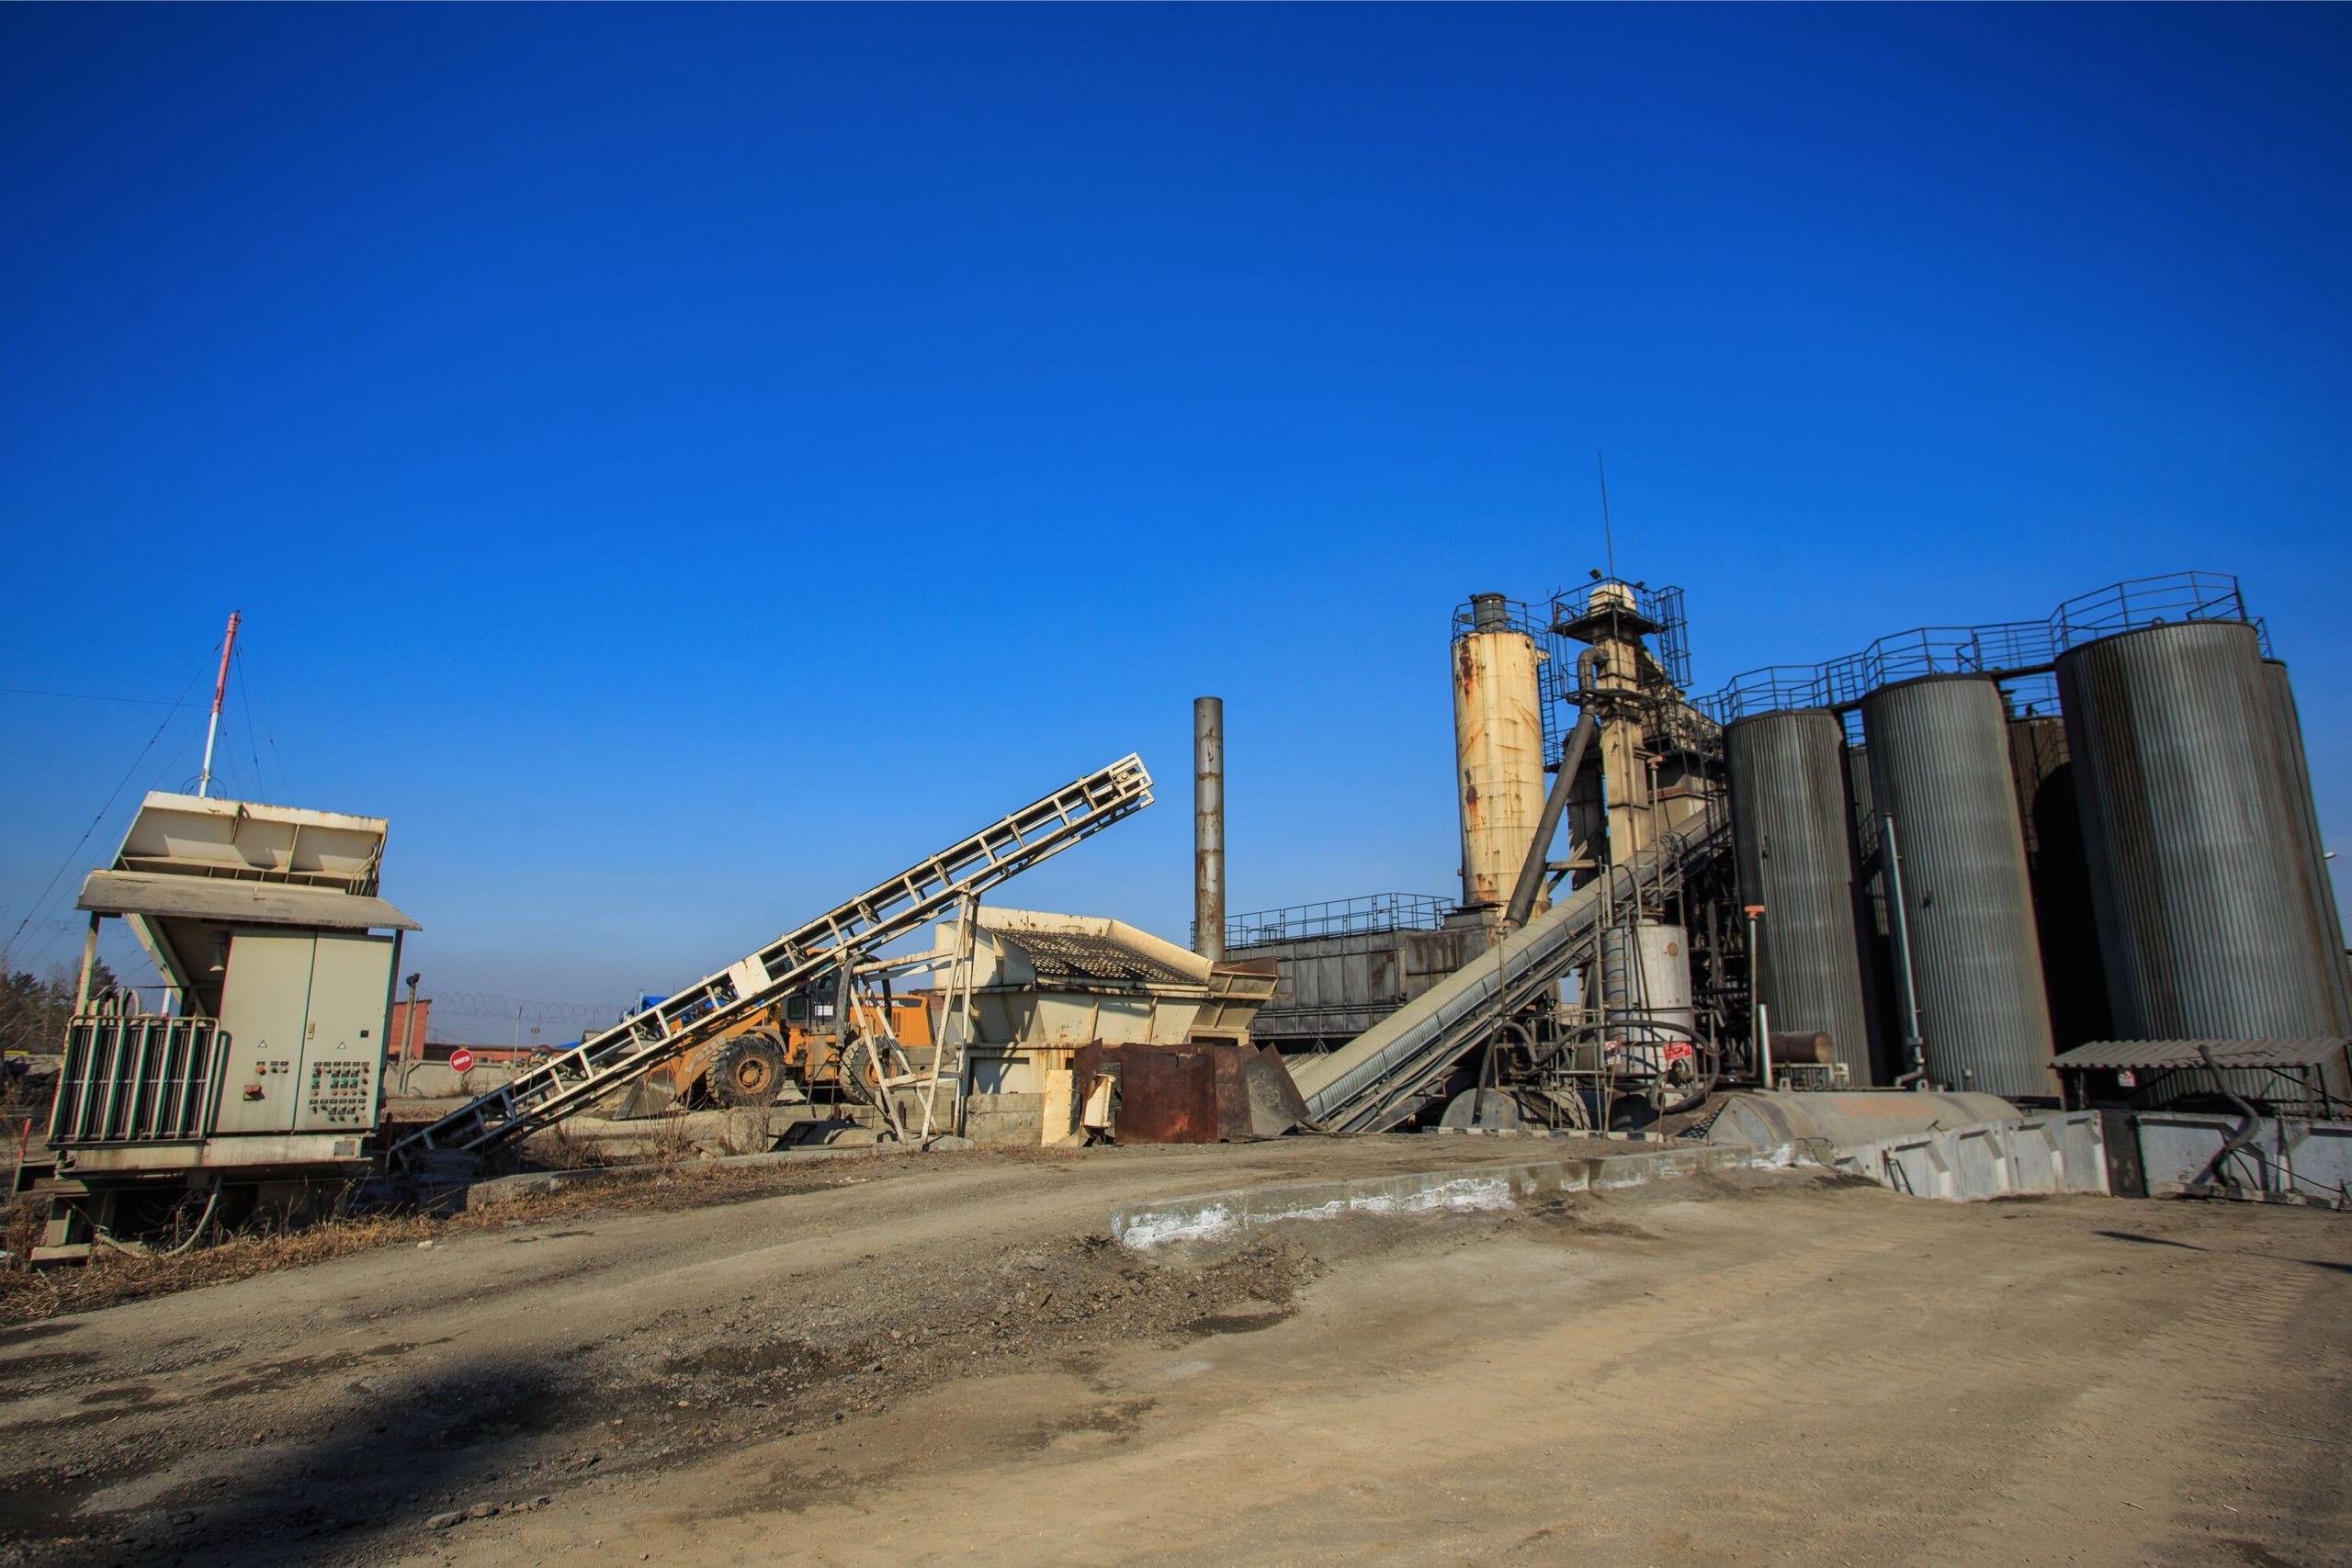 Иркутский асфальтобетонный завод МУП «ИркутскАвтодор» заработает ссамого начала мая